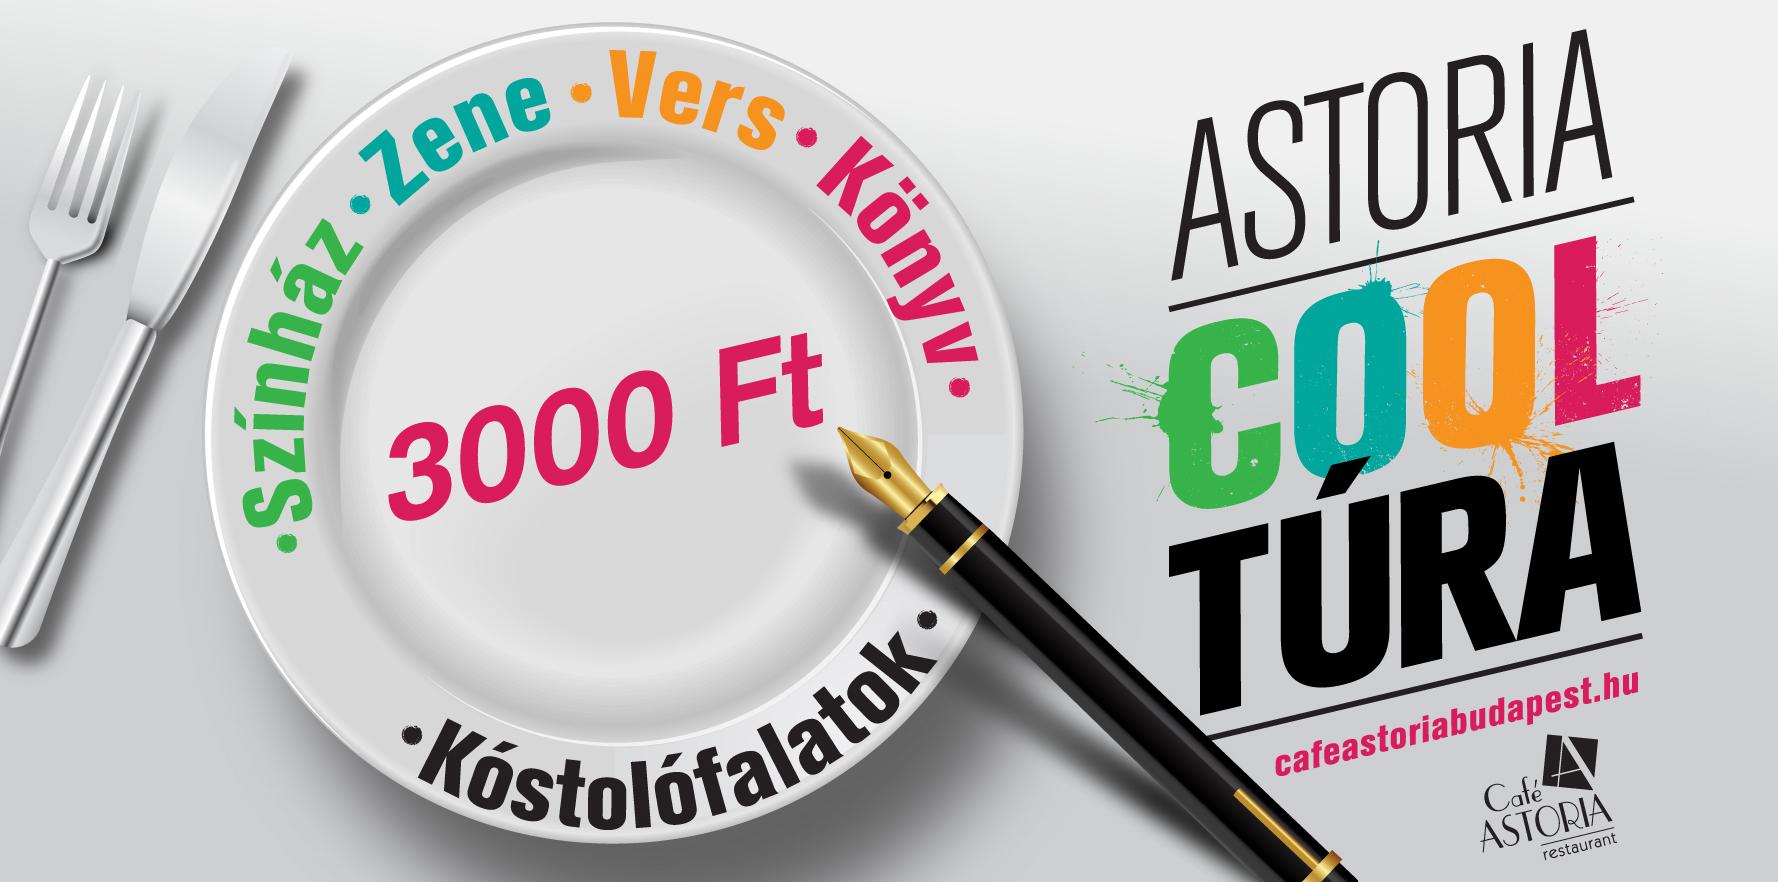 Astoria Café COOLTURA